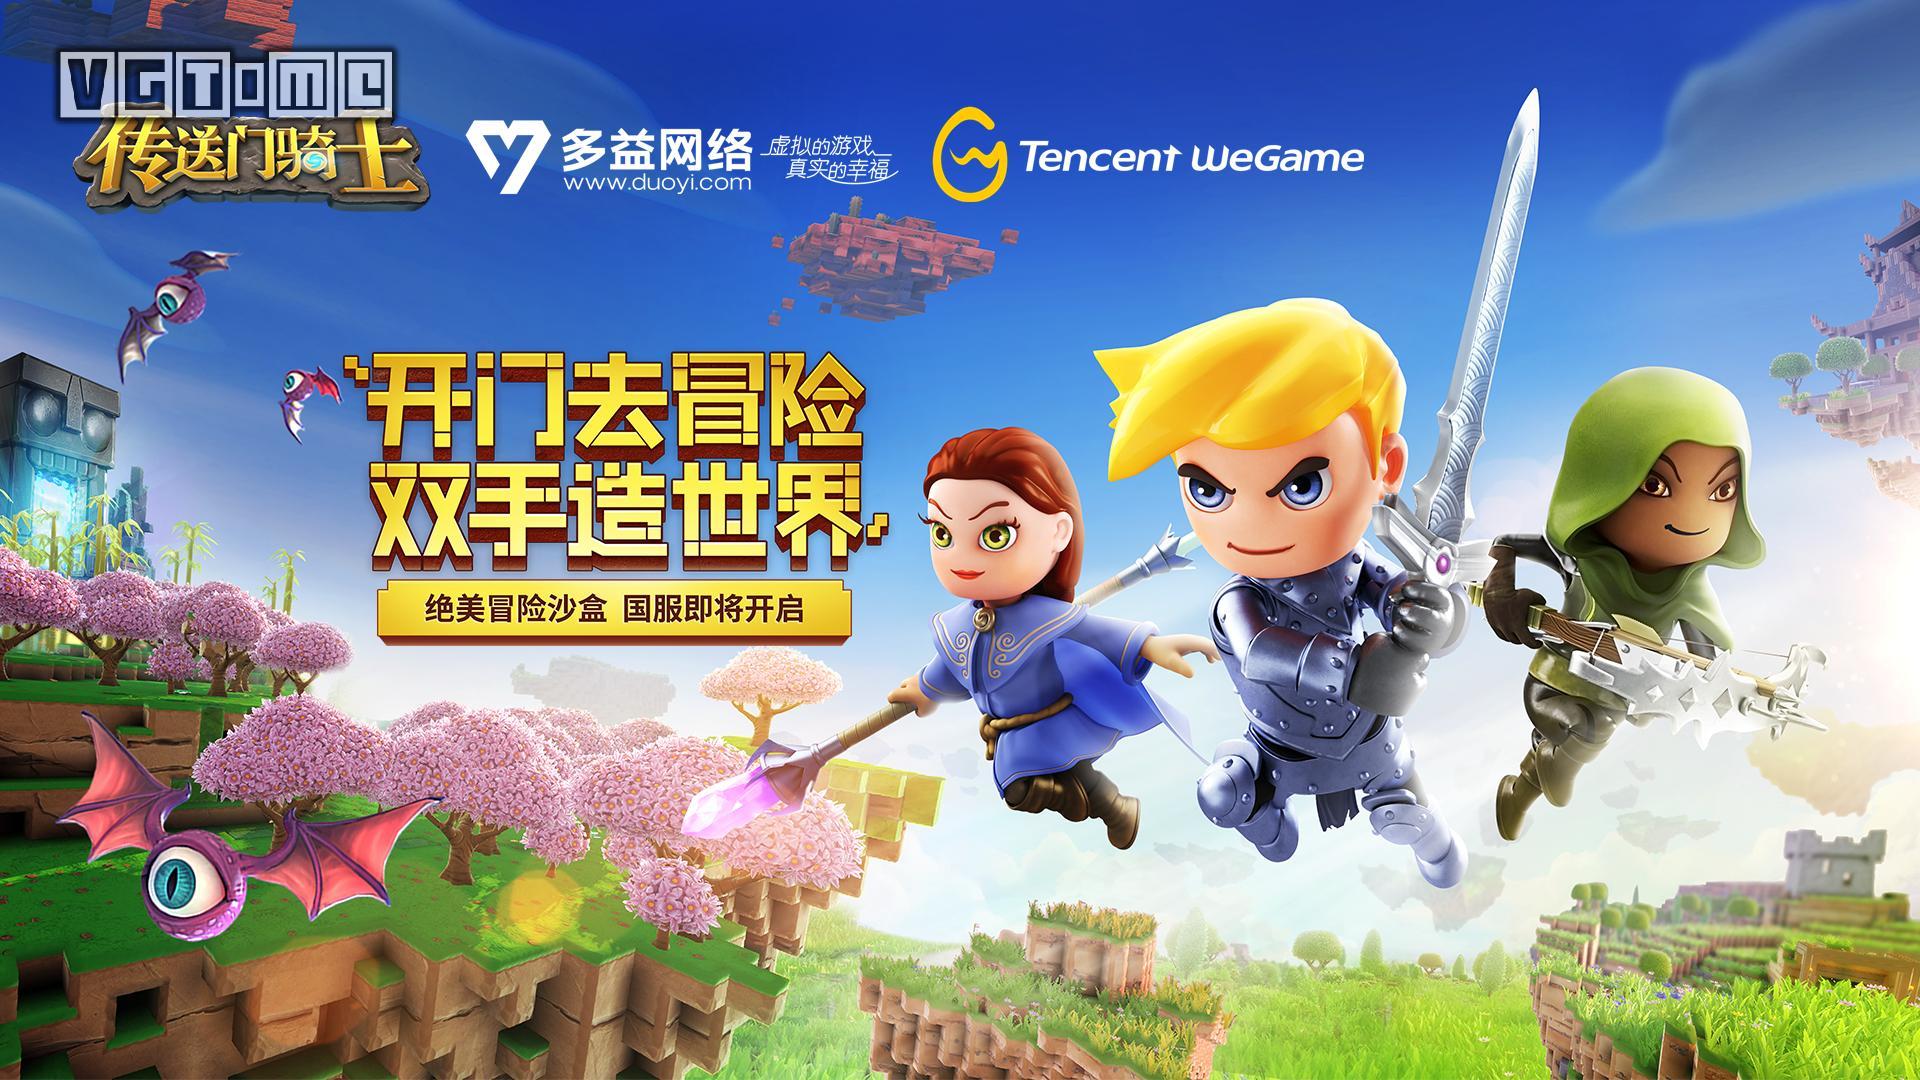 沙盒冒险游戏《传送门骑士》即将登陆 WeGame